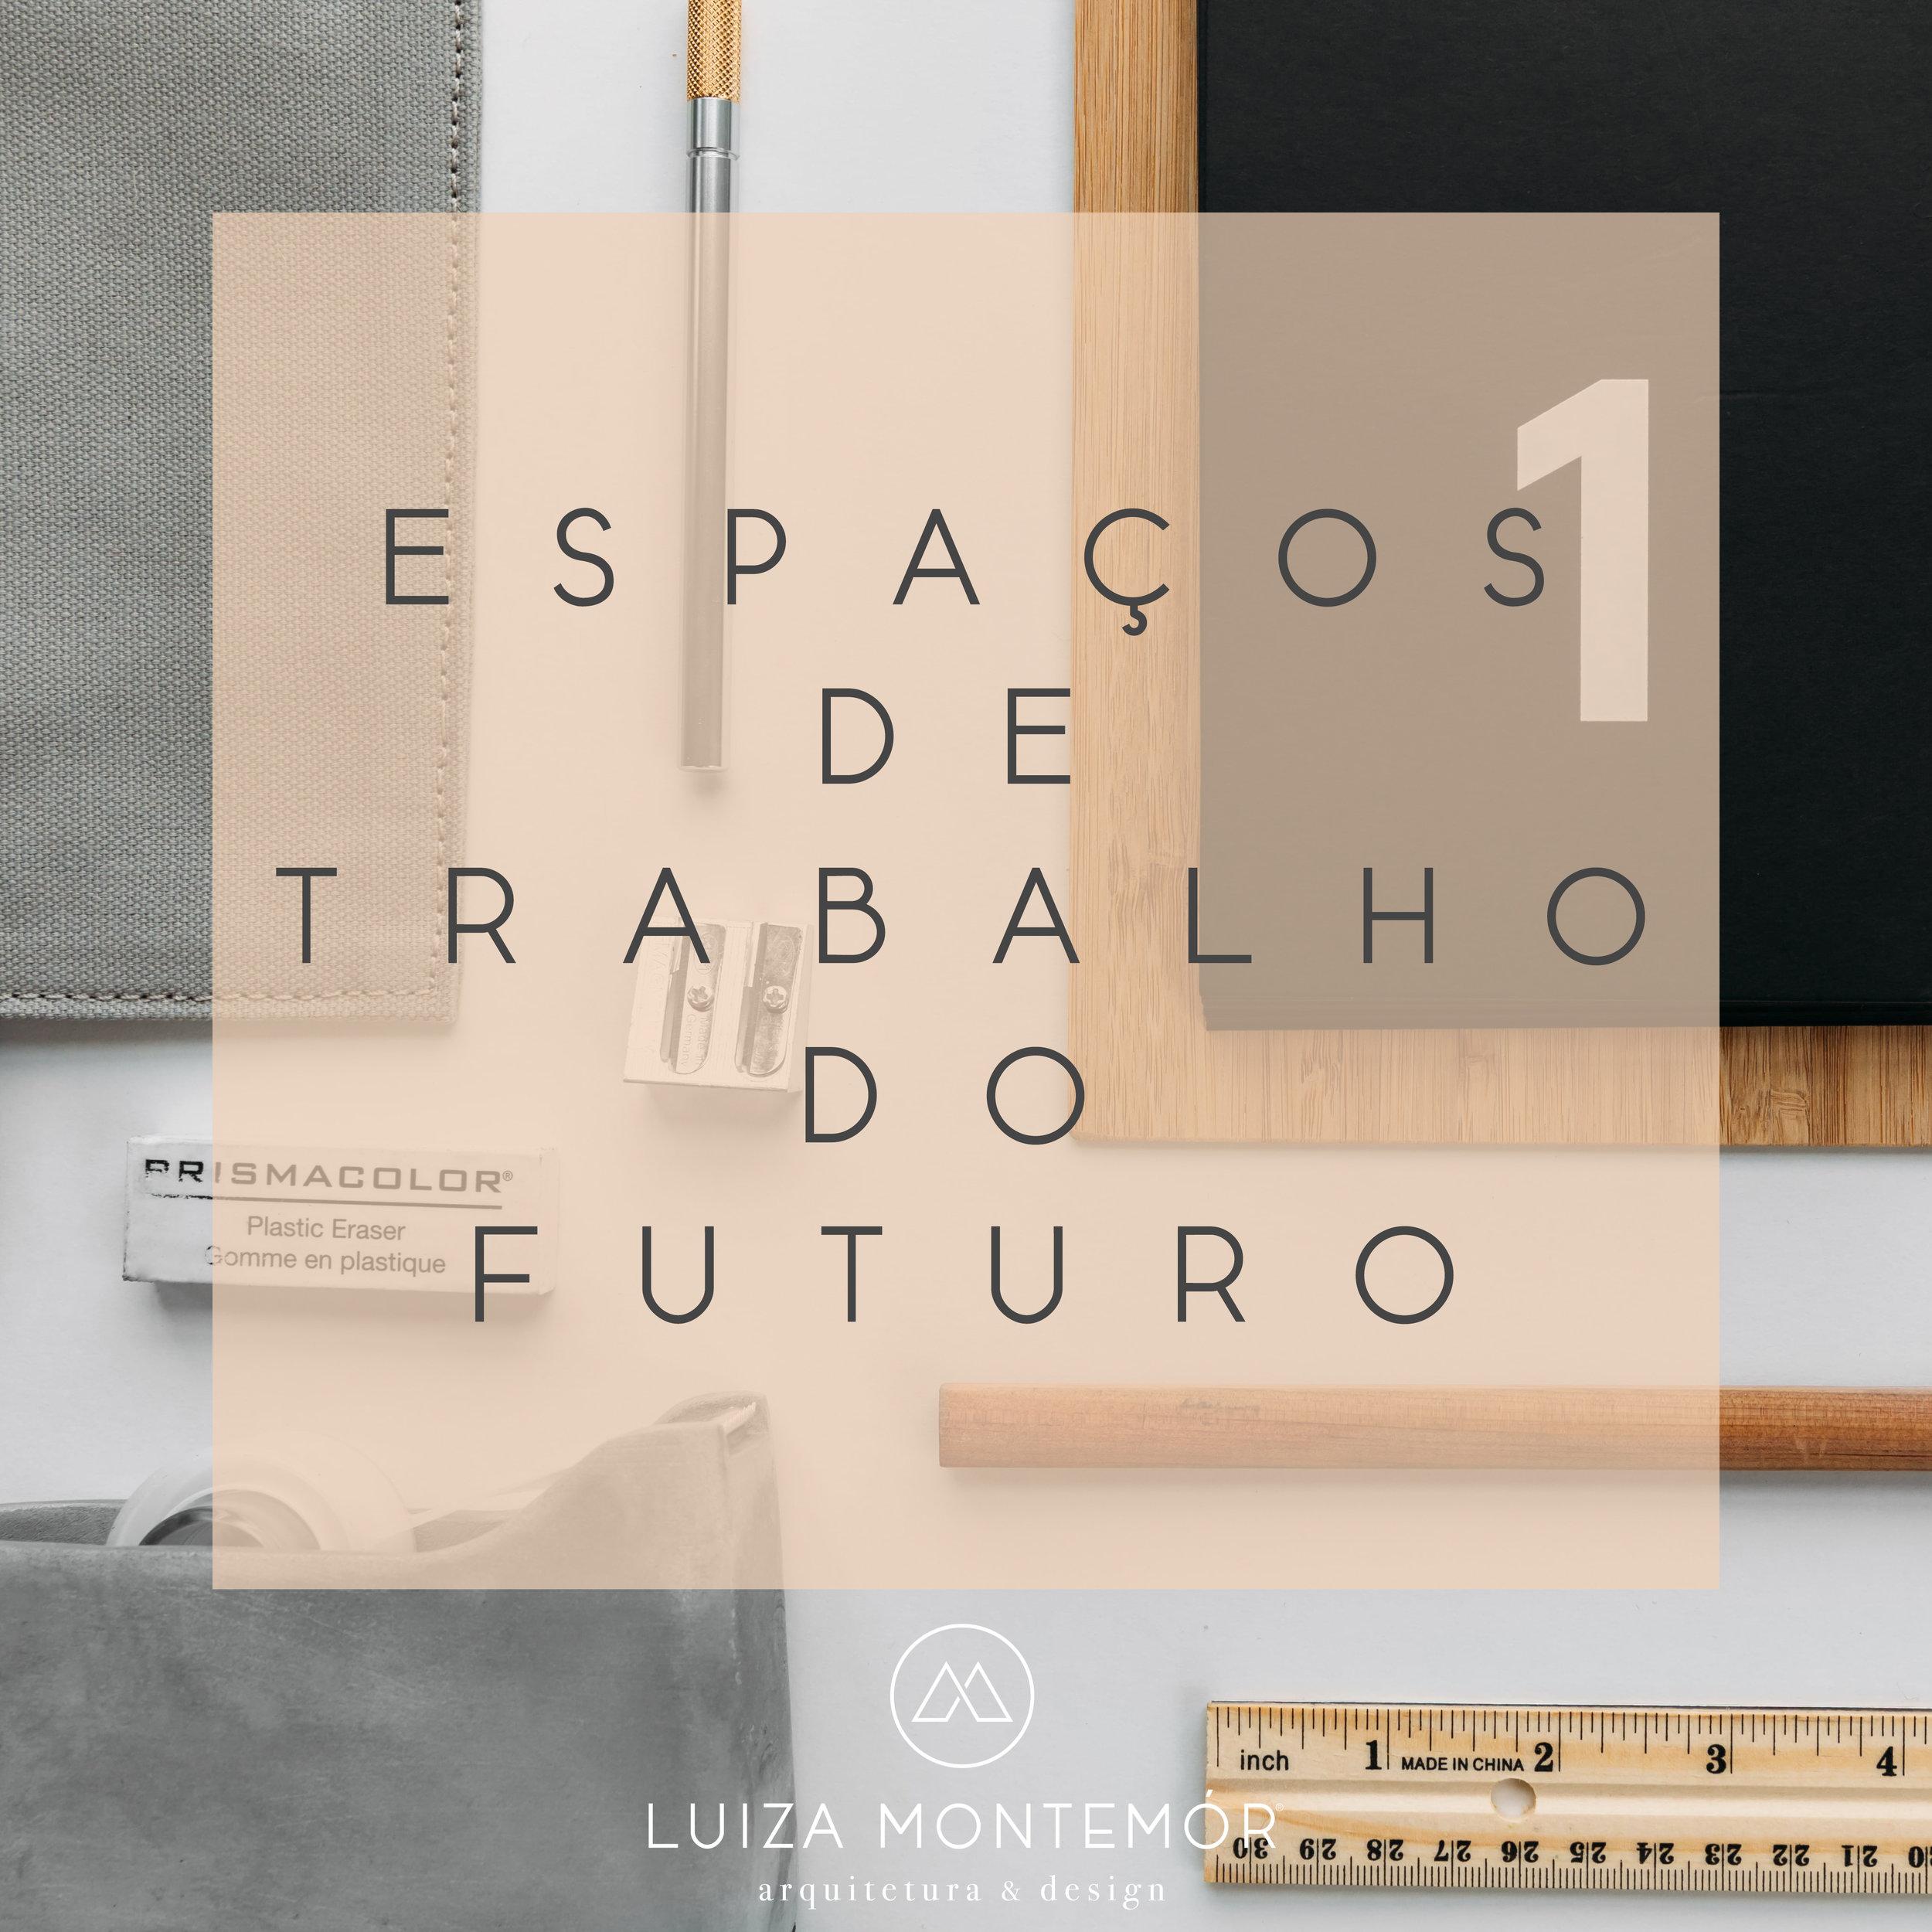 escritorio do futuro 01.jpg